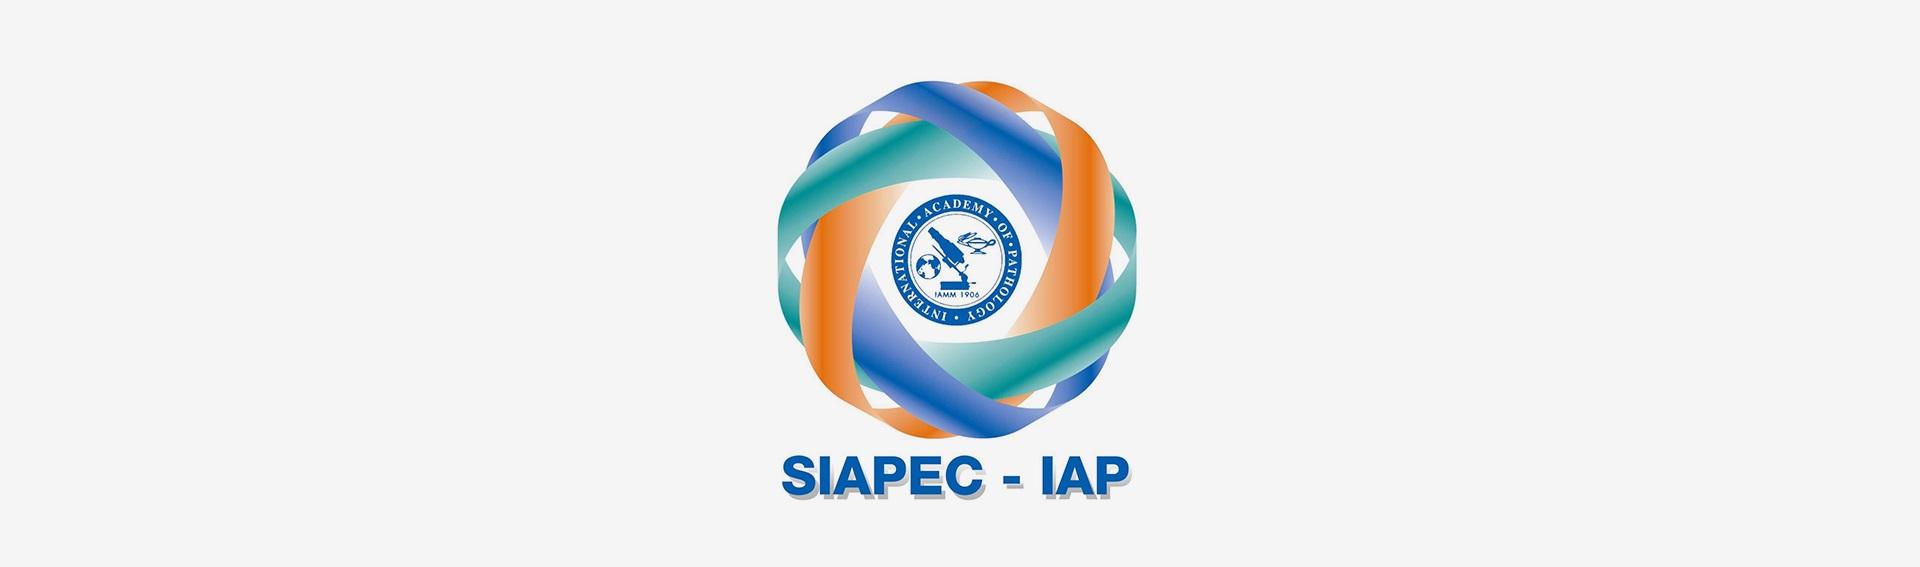 SIAPEC 2018